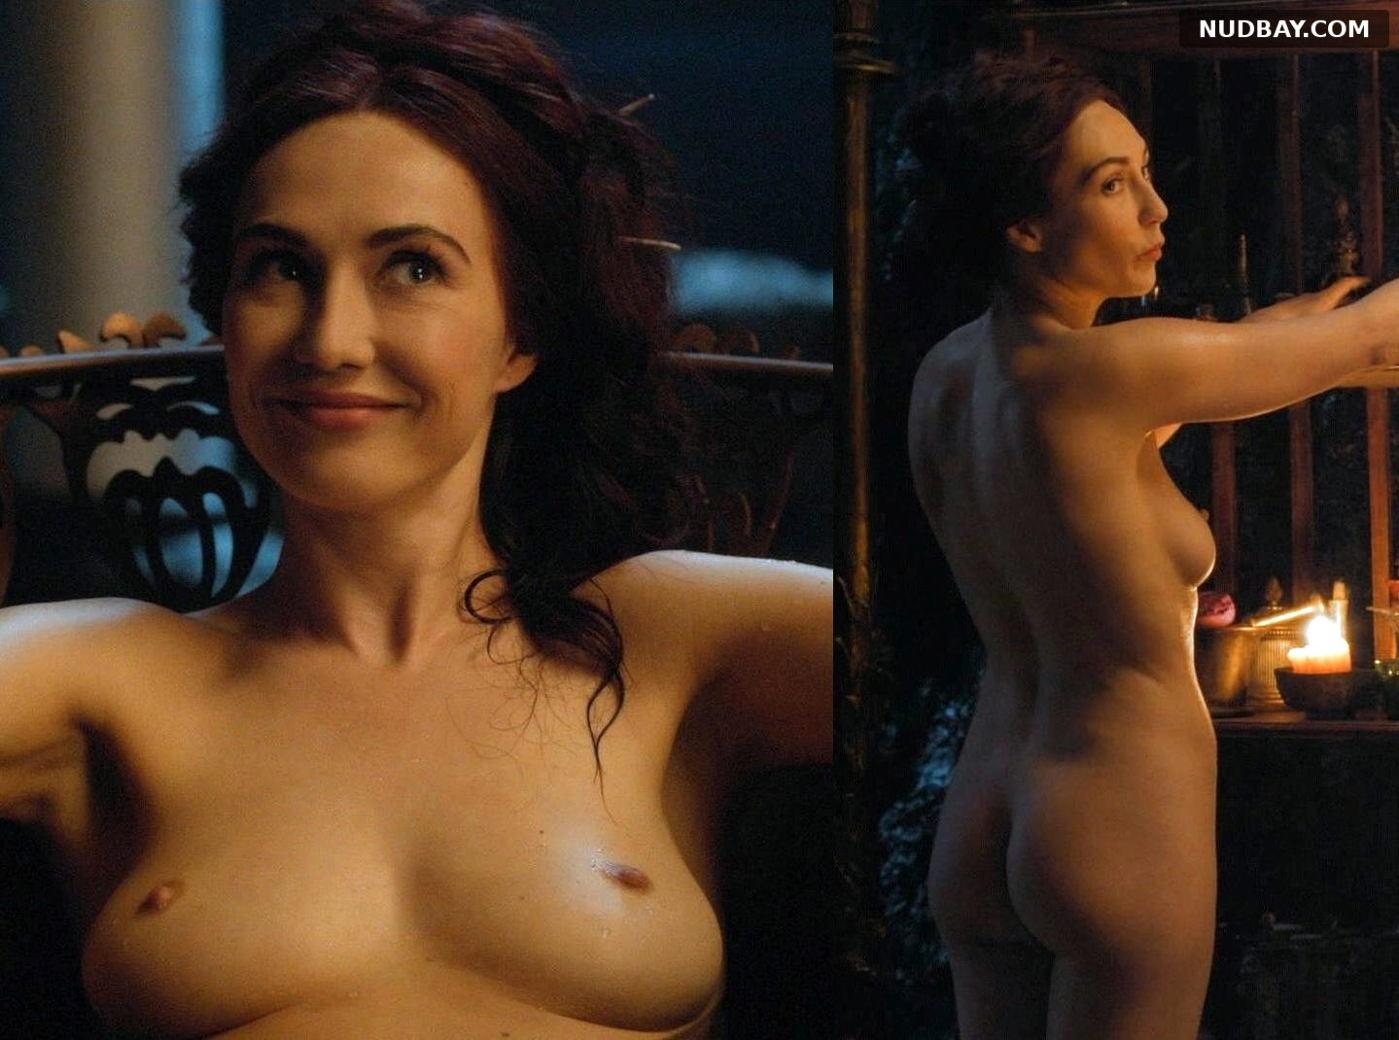 Carice van Houten Nude Game of Thrones S04E07